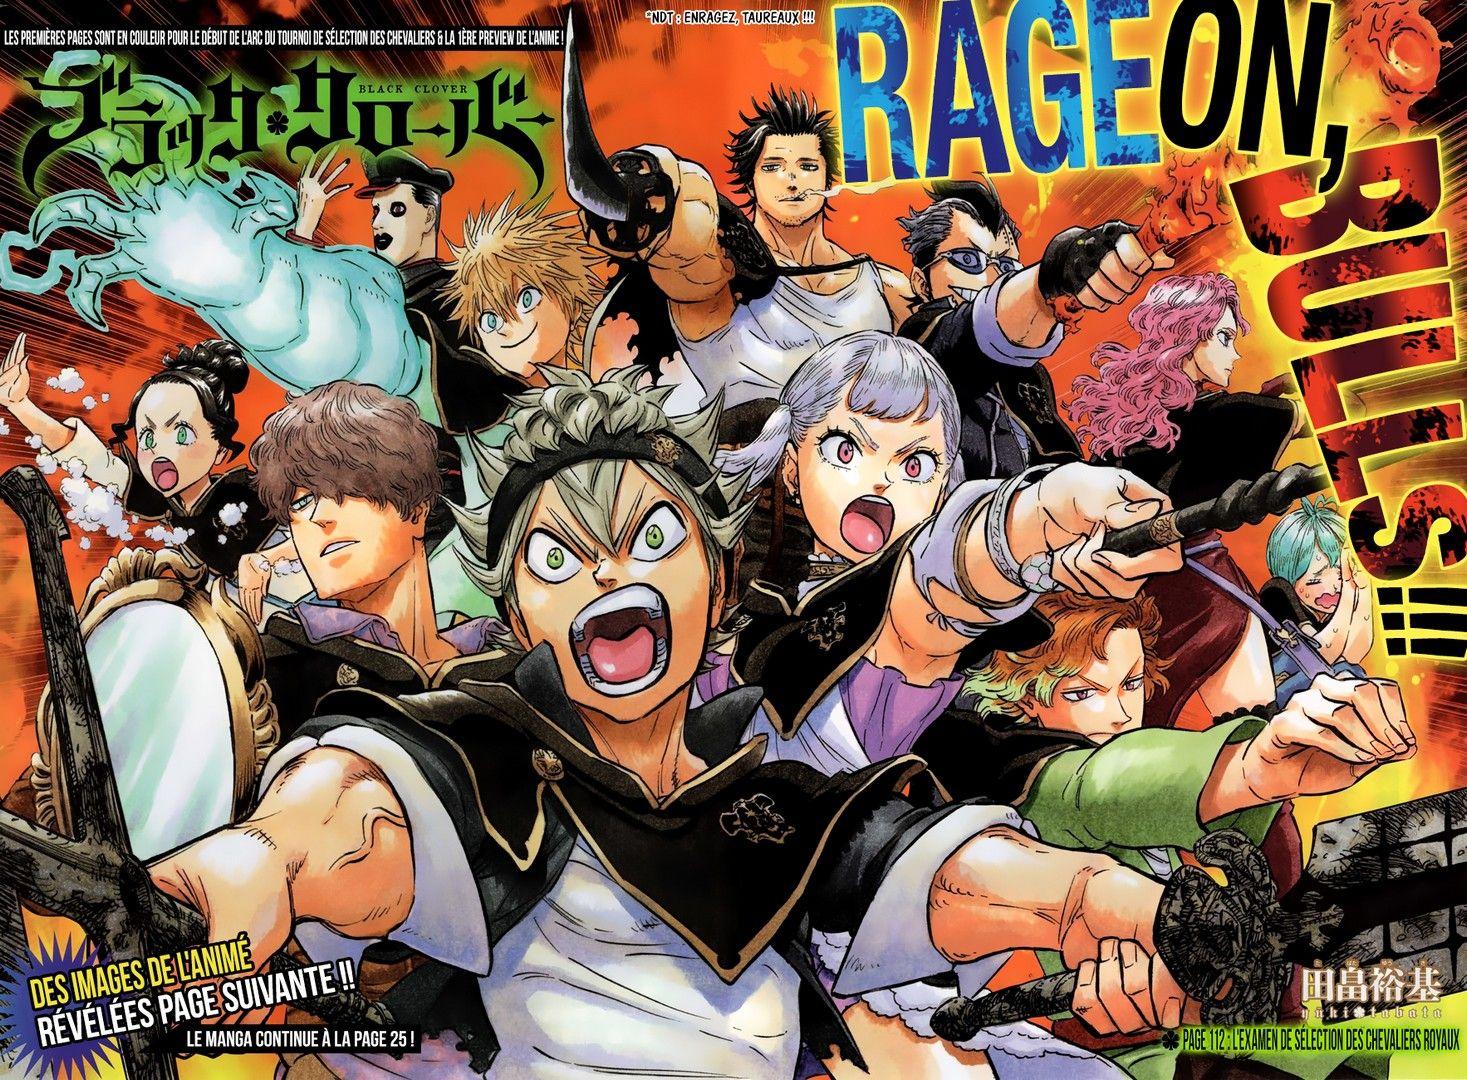 Black Clover Wallpaper Black Clover Anime Black Clover Manga Anime